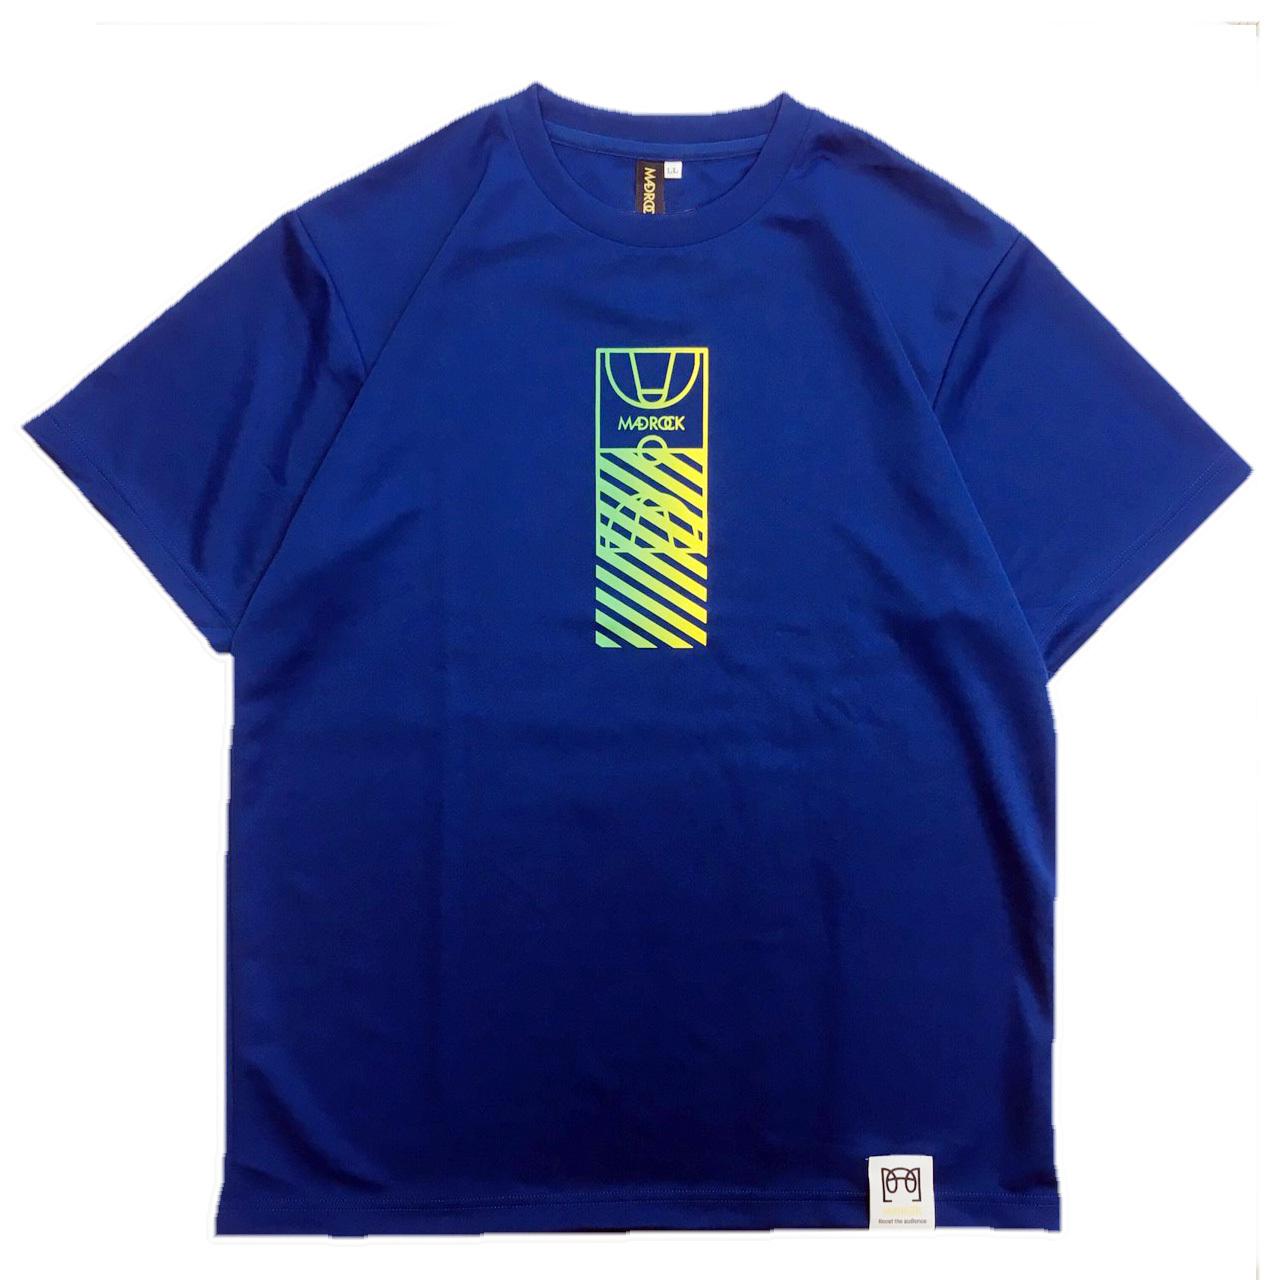 マッドロック / コートグラデーションTシャツ / ドライタイプ / ブルー